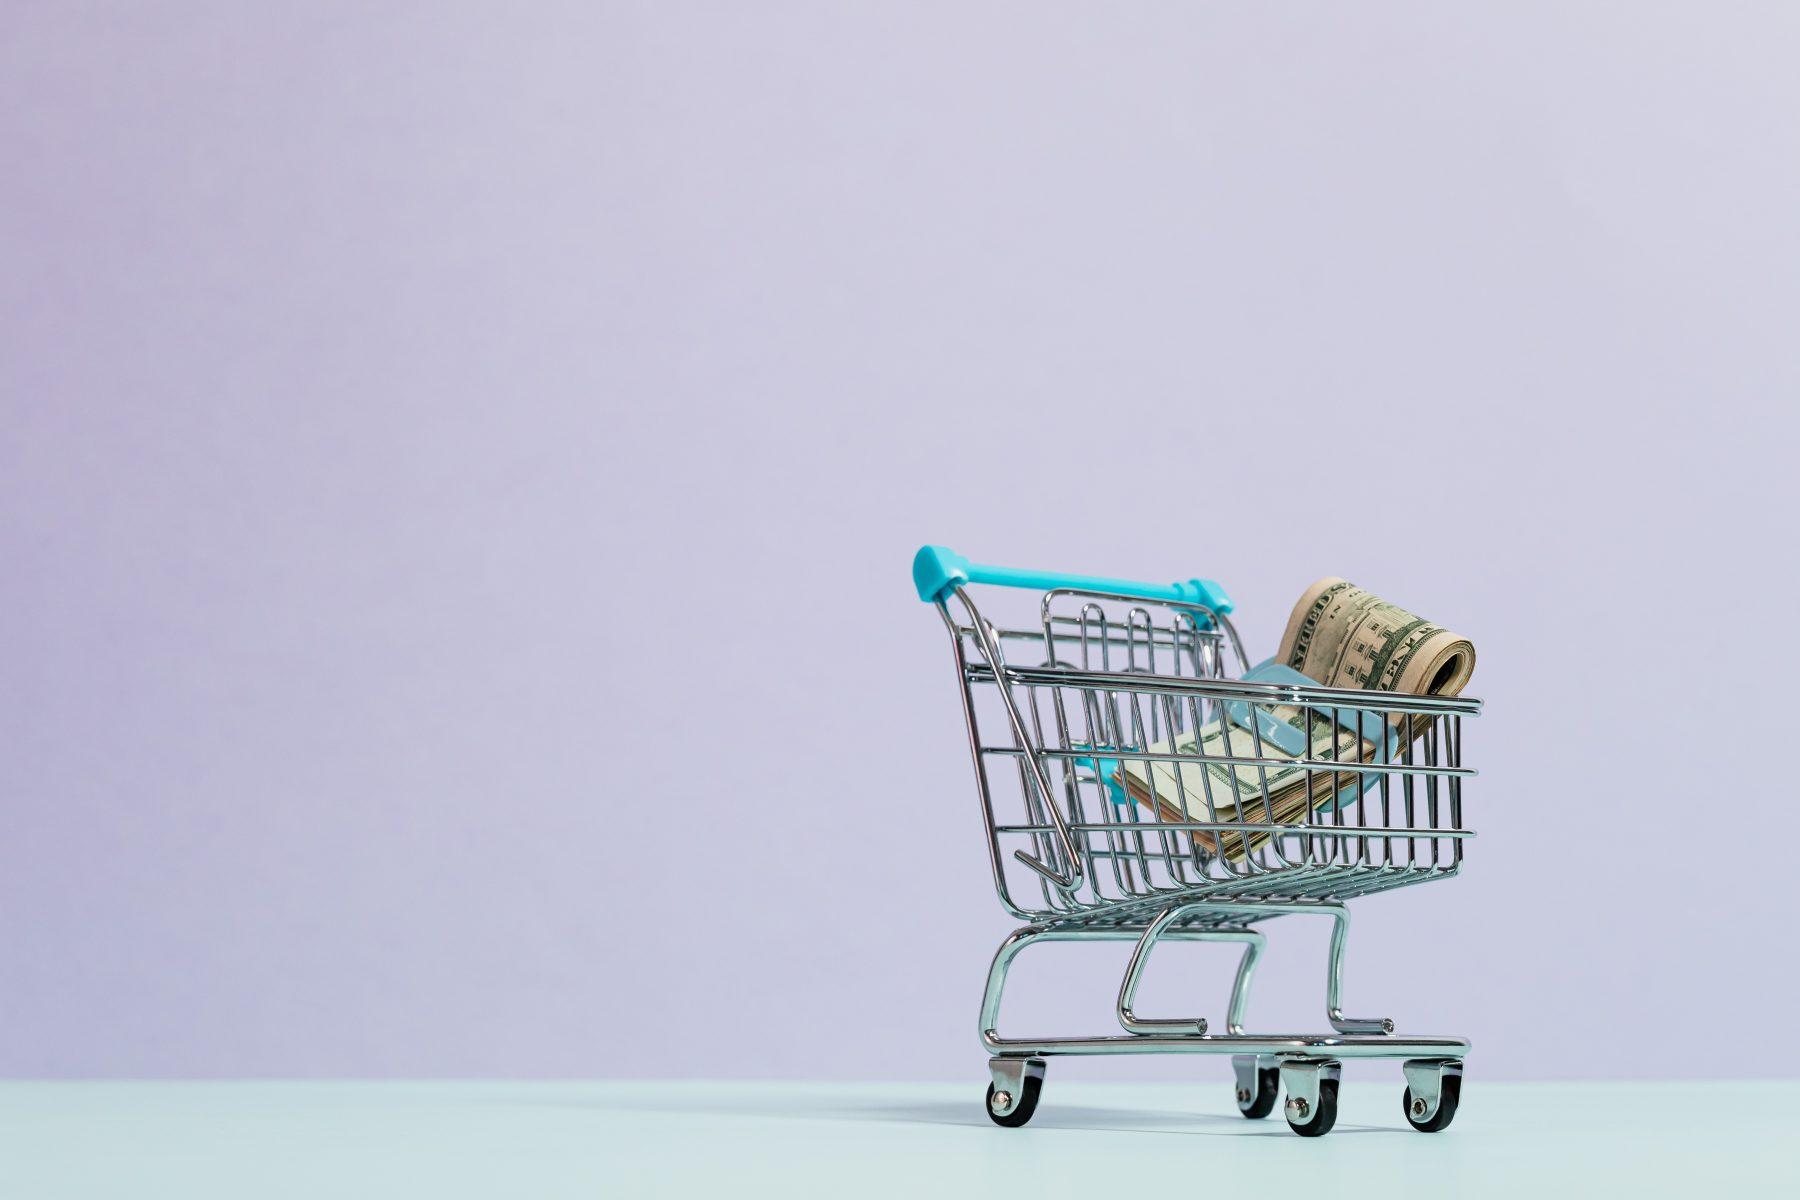 Bild eines Mini-Einkaufswagens mit Geld im Inneren.